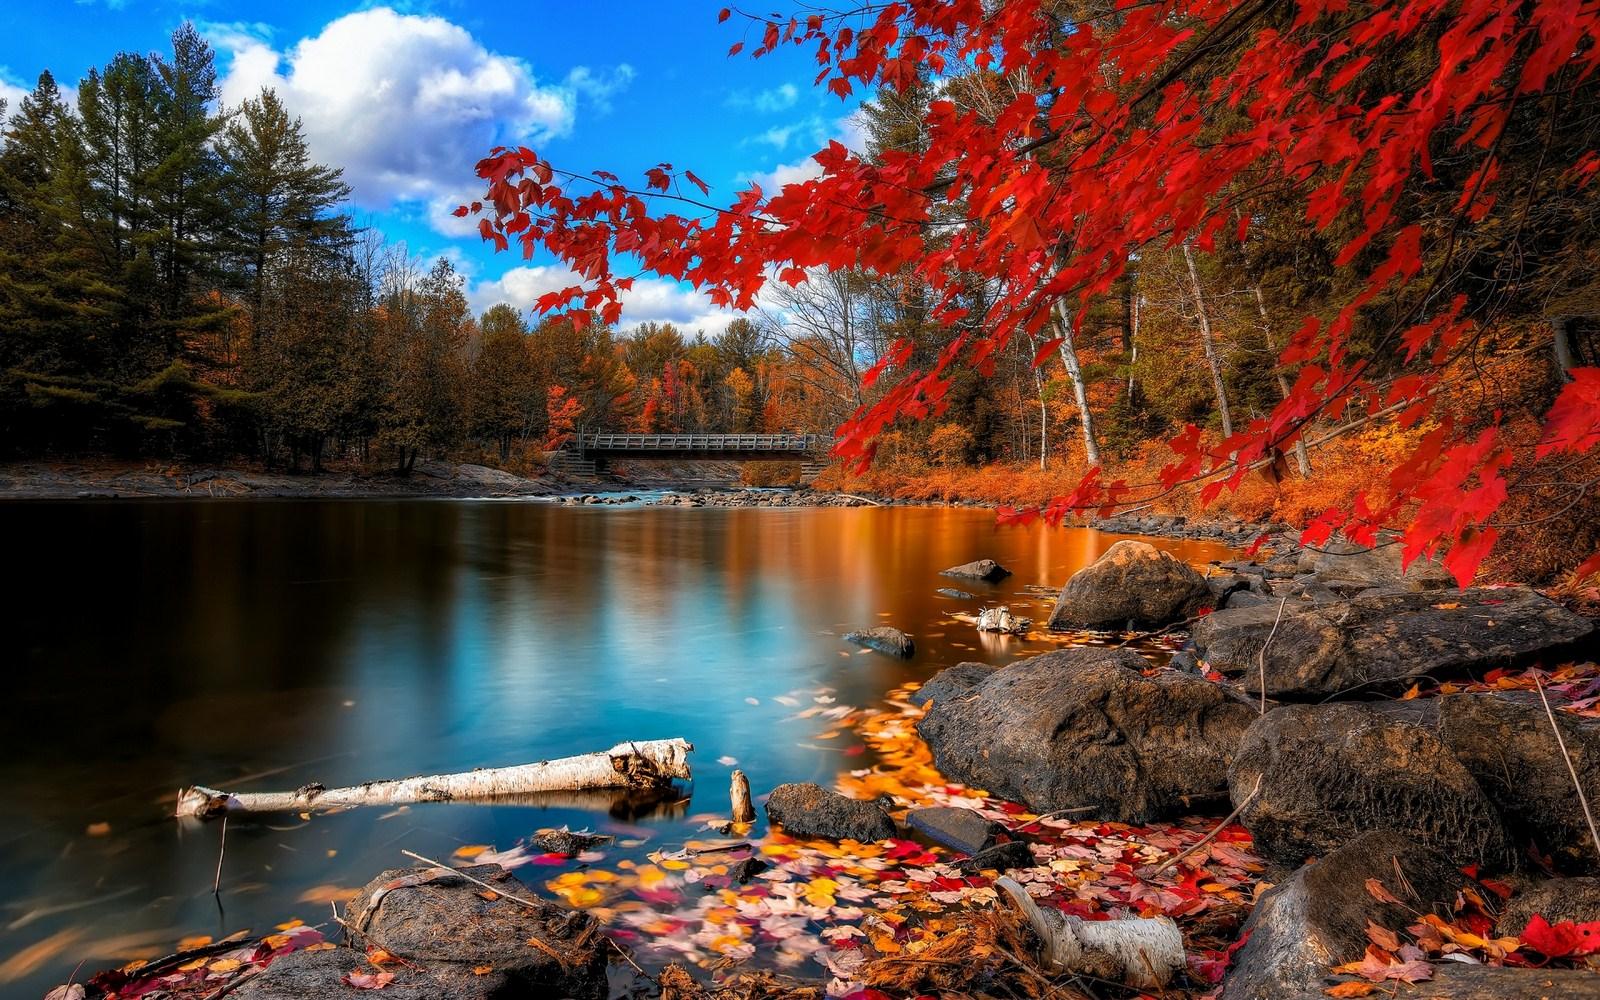 أجمل صور مناظر طبيعية 17